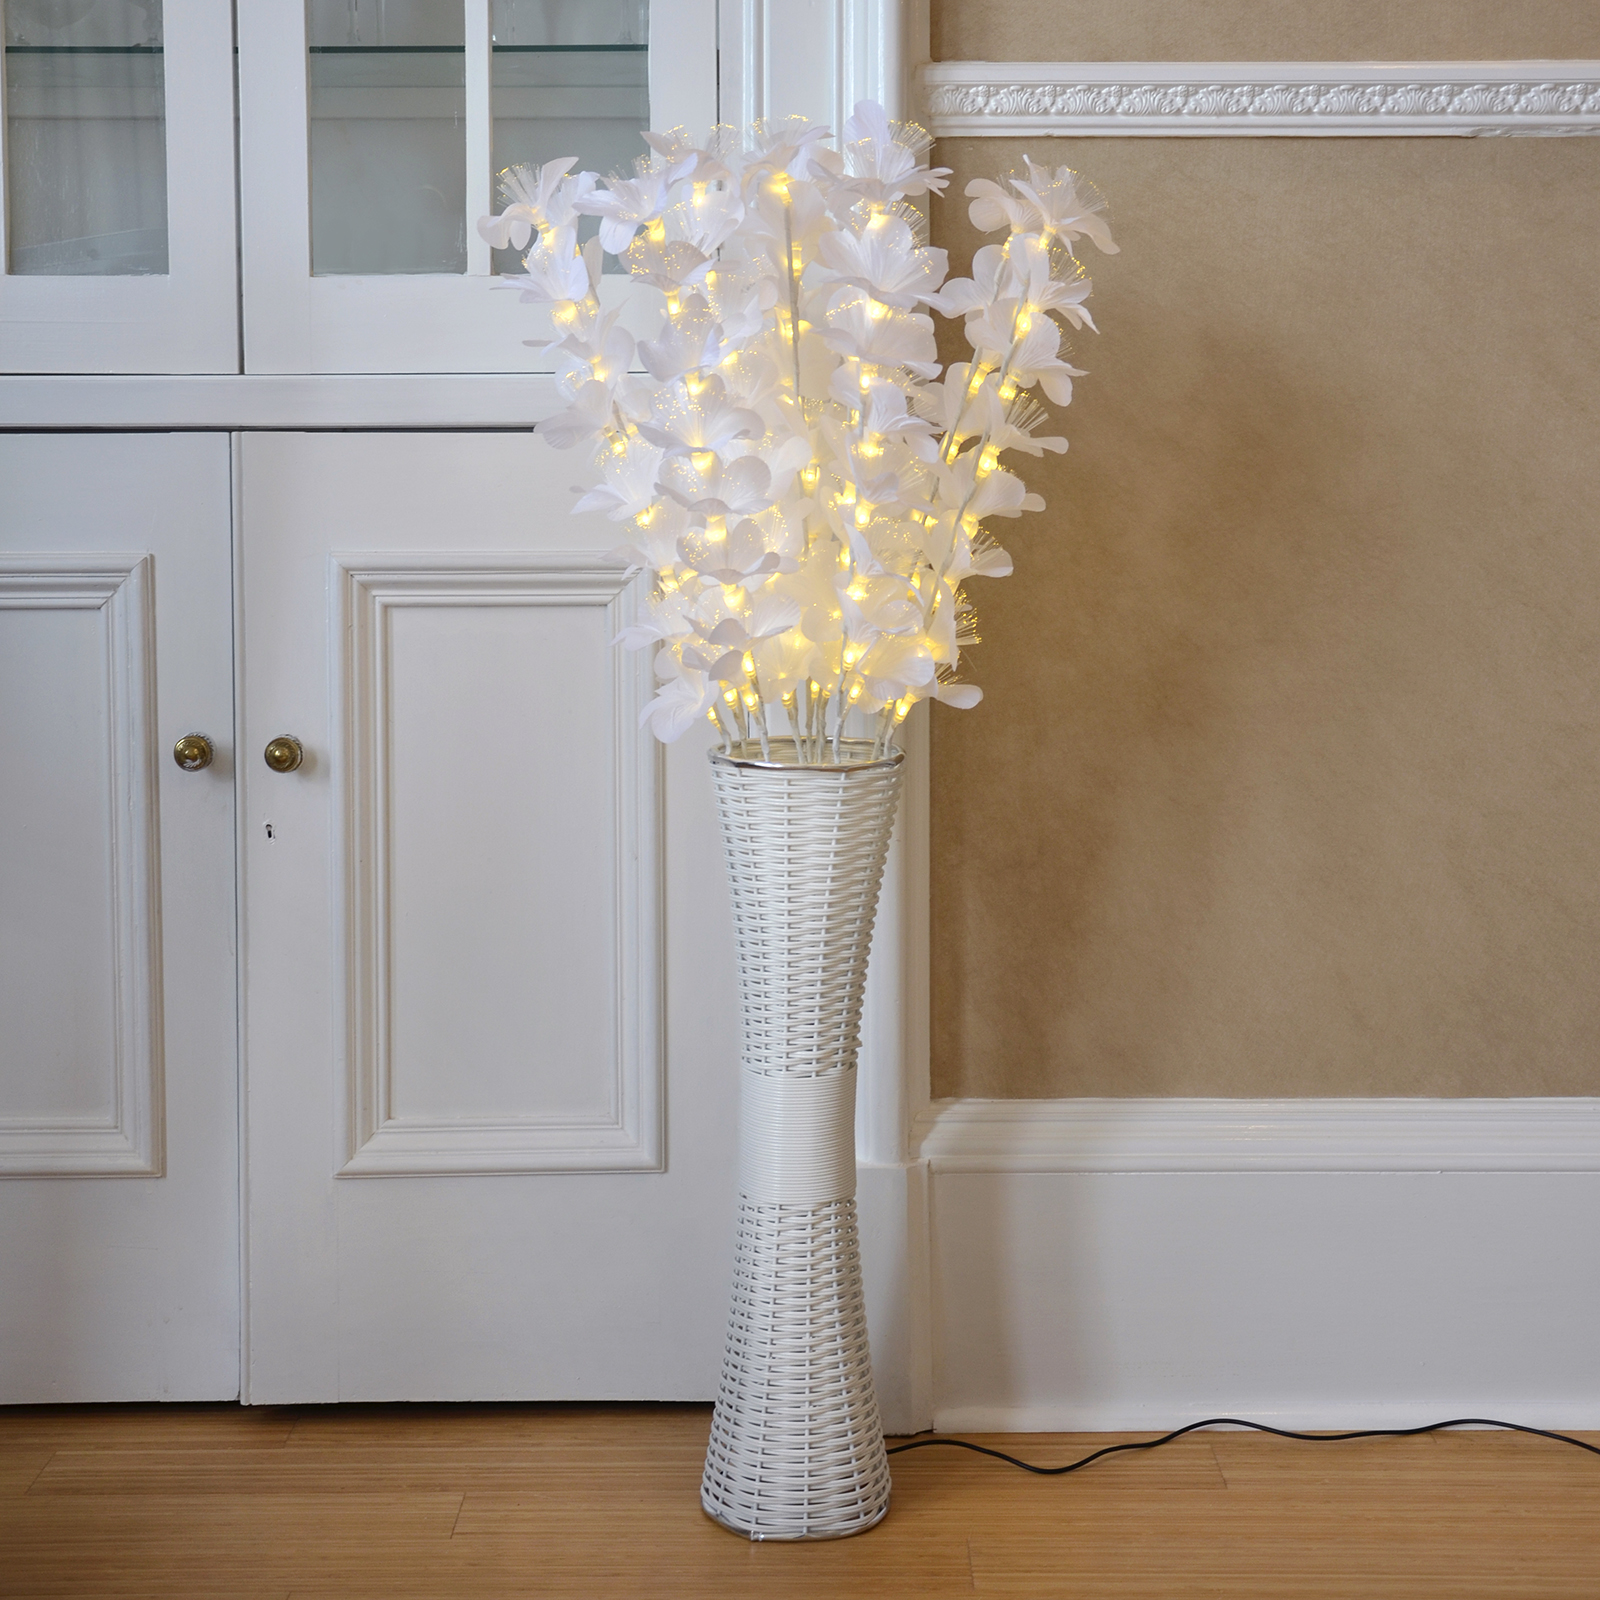 Floor Standing Fibre Optic Lamp Flowers Indoor White Lighting Home D Cor 1m Tall Ebay